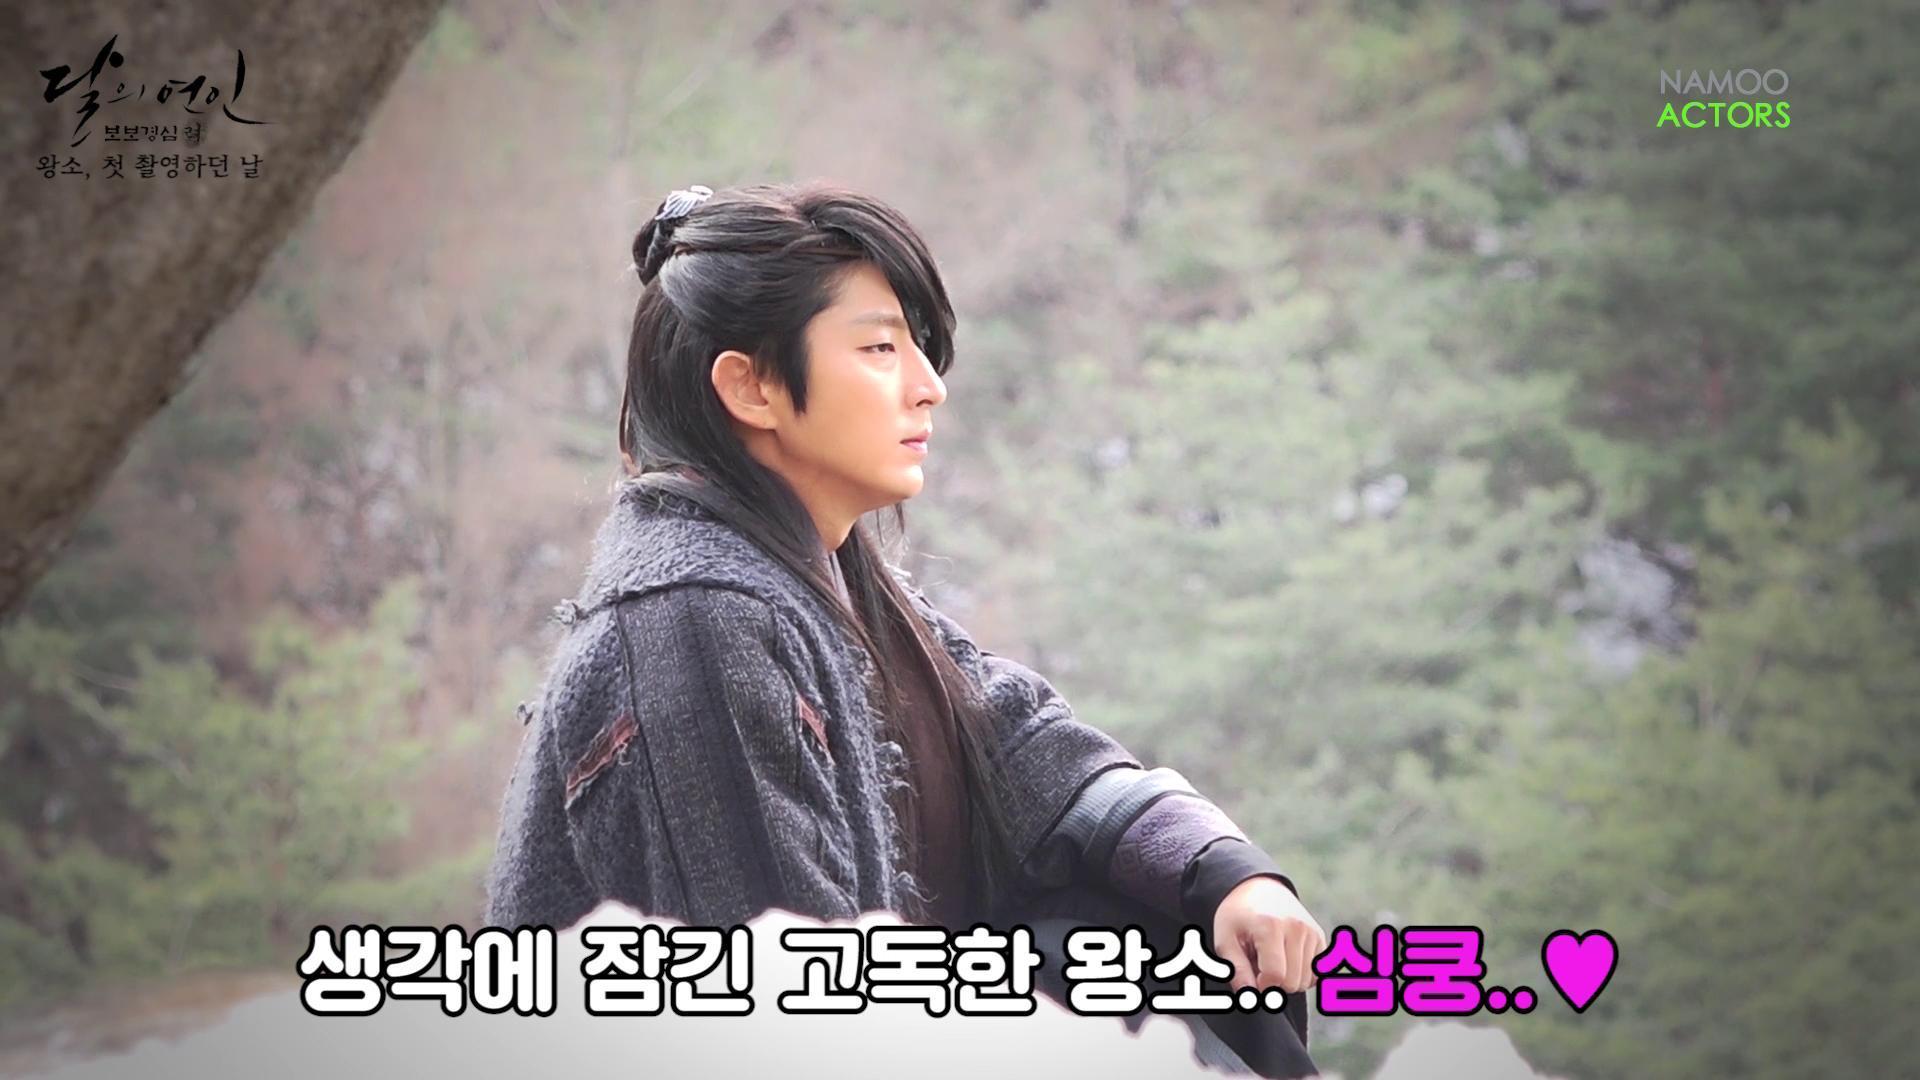 [이준기] SBS '달의 연인 보보경심 려' 왕소가 좋아하는 고려치킨!